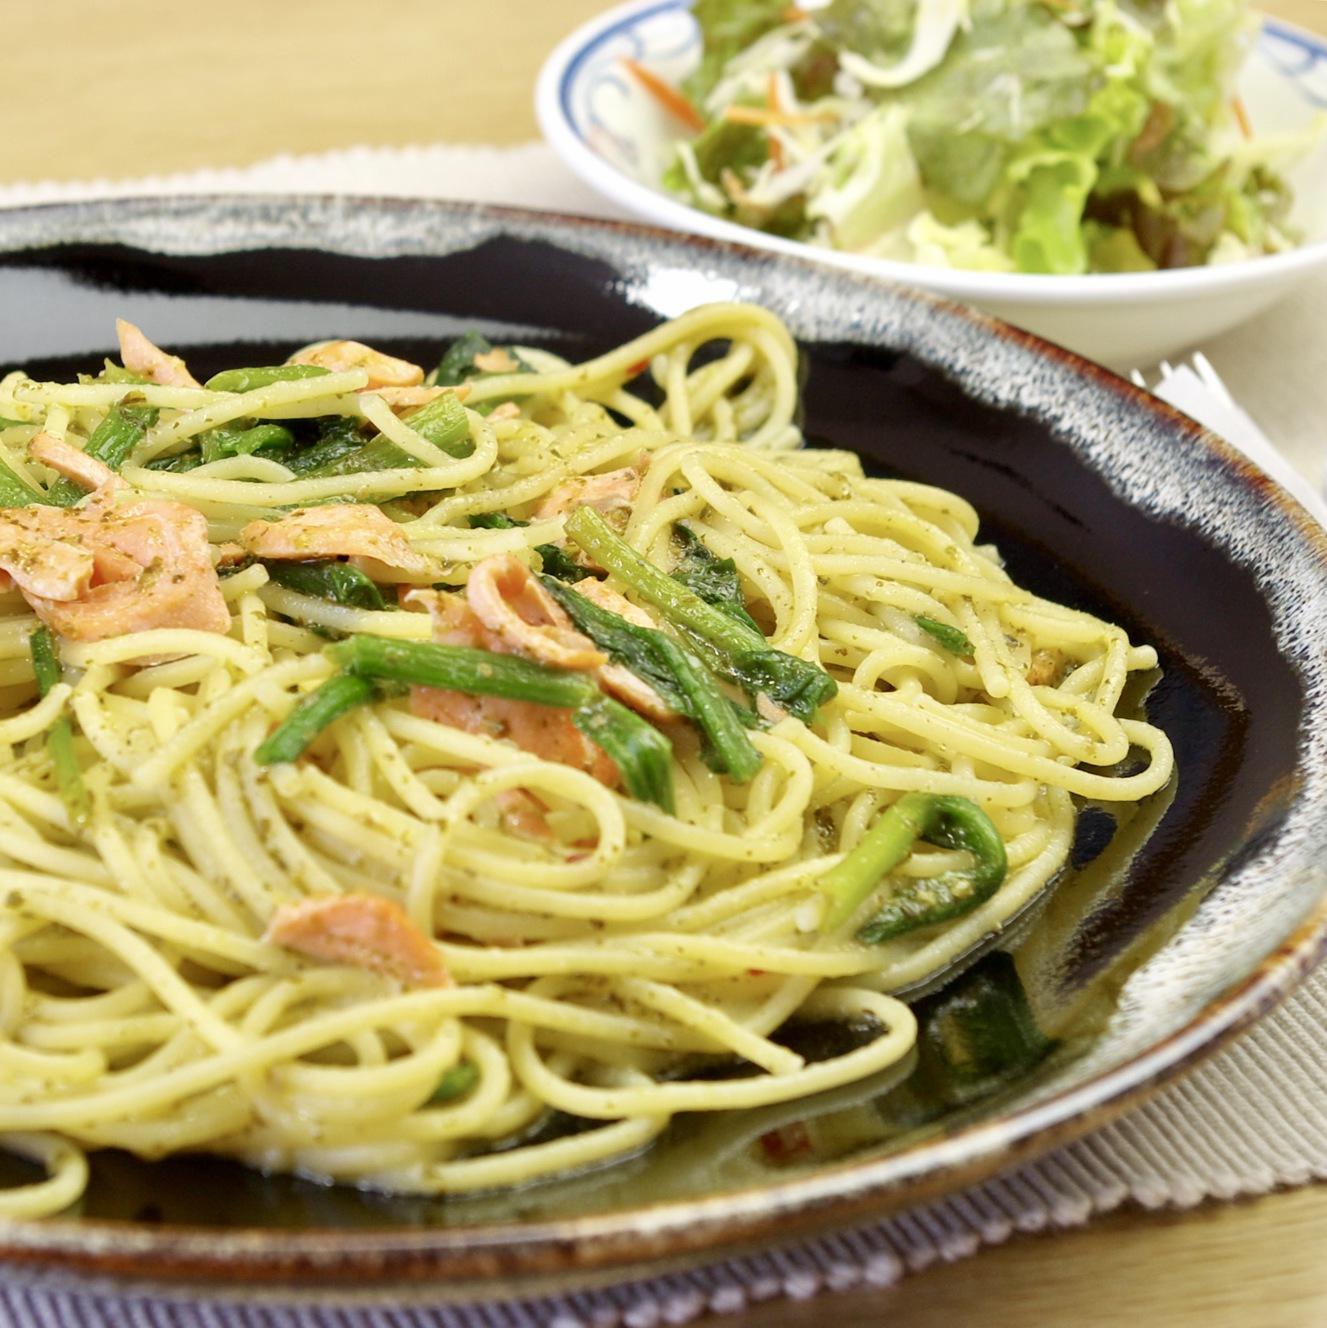 【レストラン】サーモンとほうれん草のジェノバパスタ